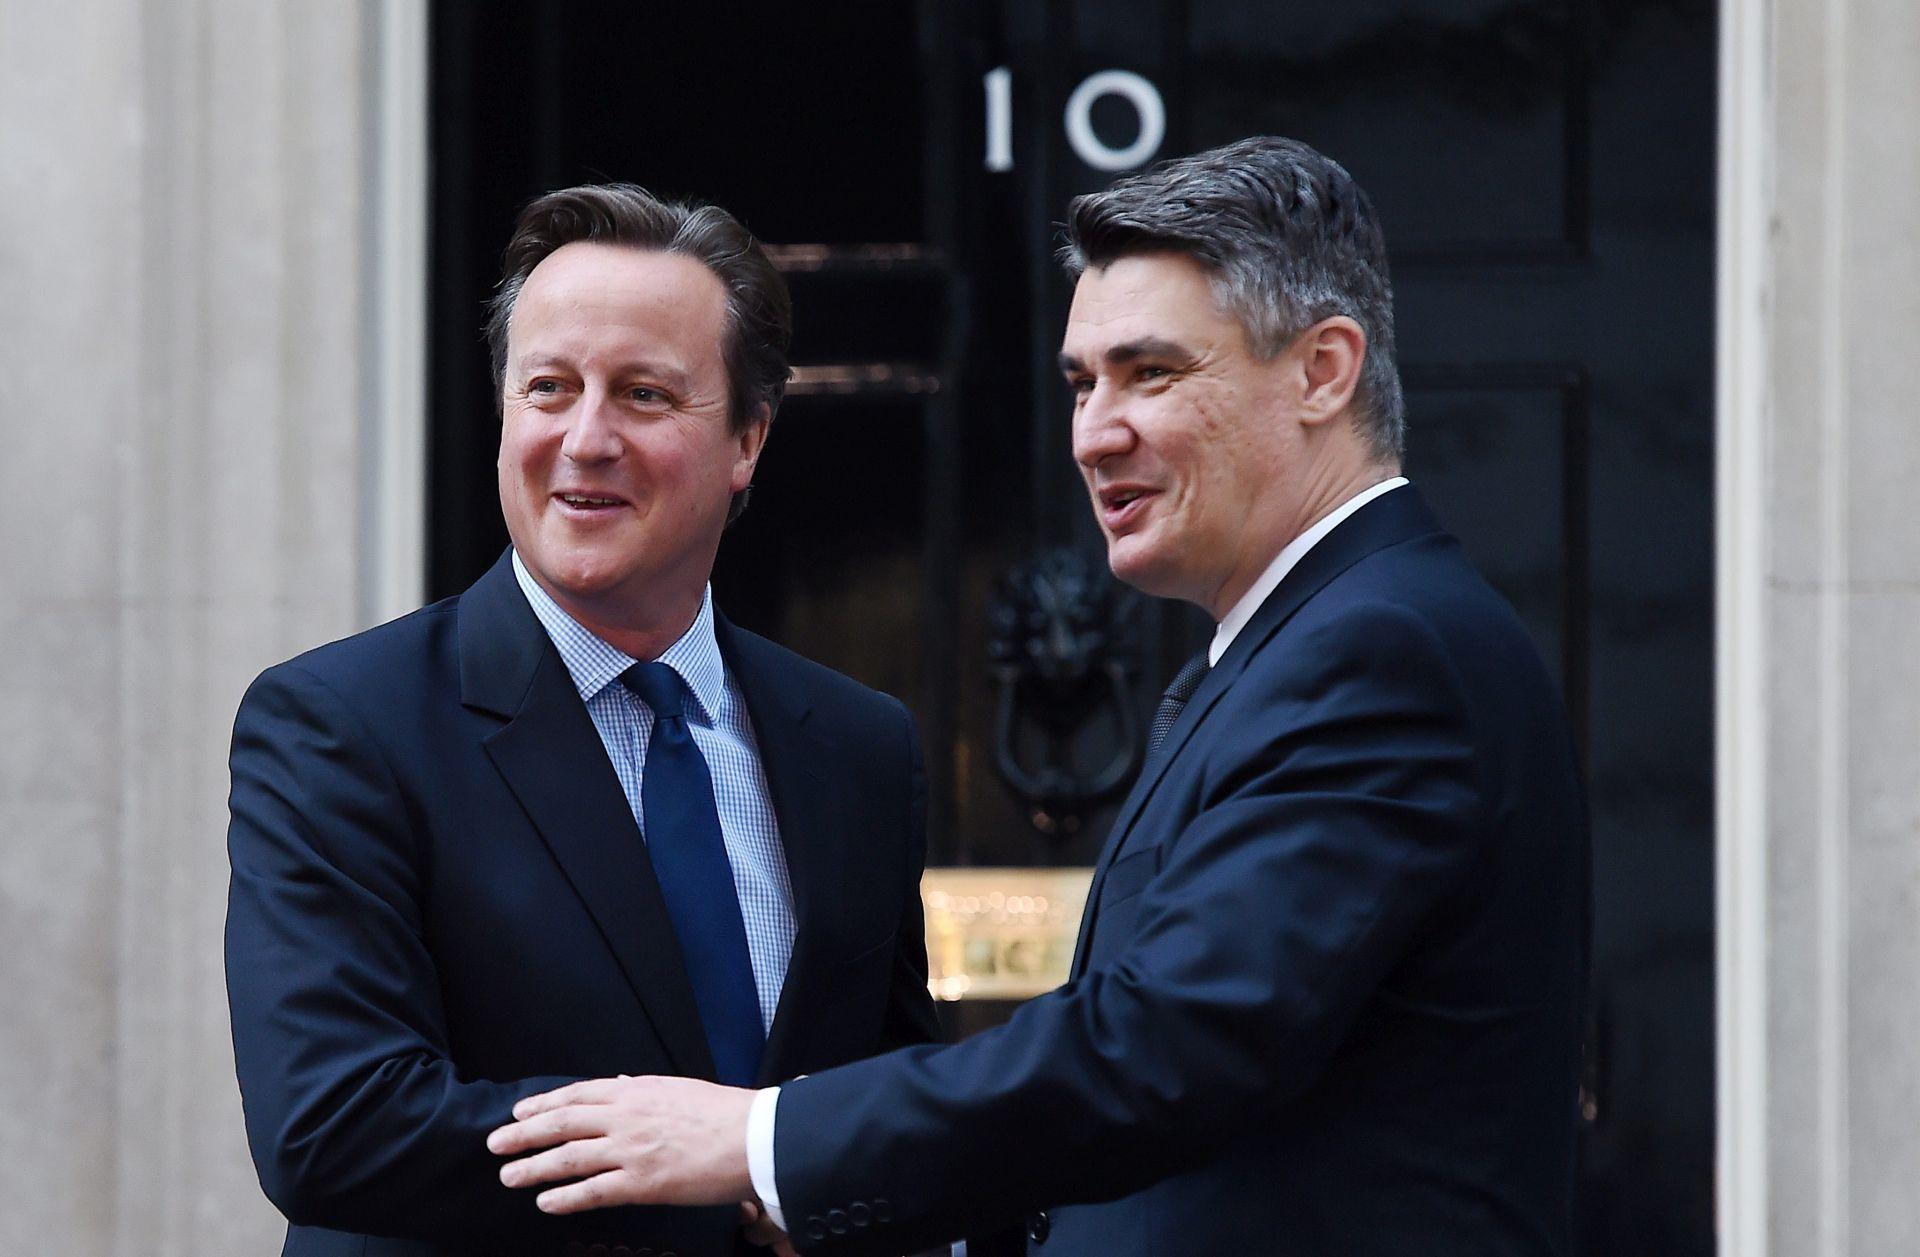 SASTANAK S CAMERONOM Milanović spreman poduprijeti Britaniju oko izmjene Lisabonskog ugovora